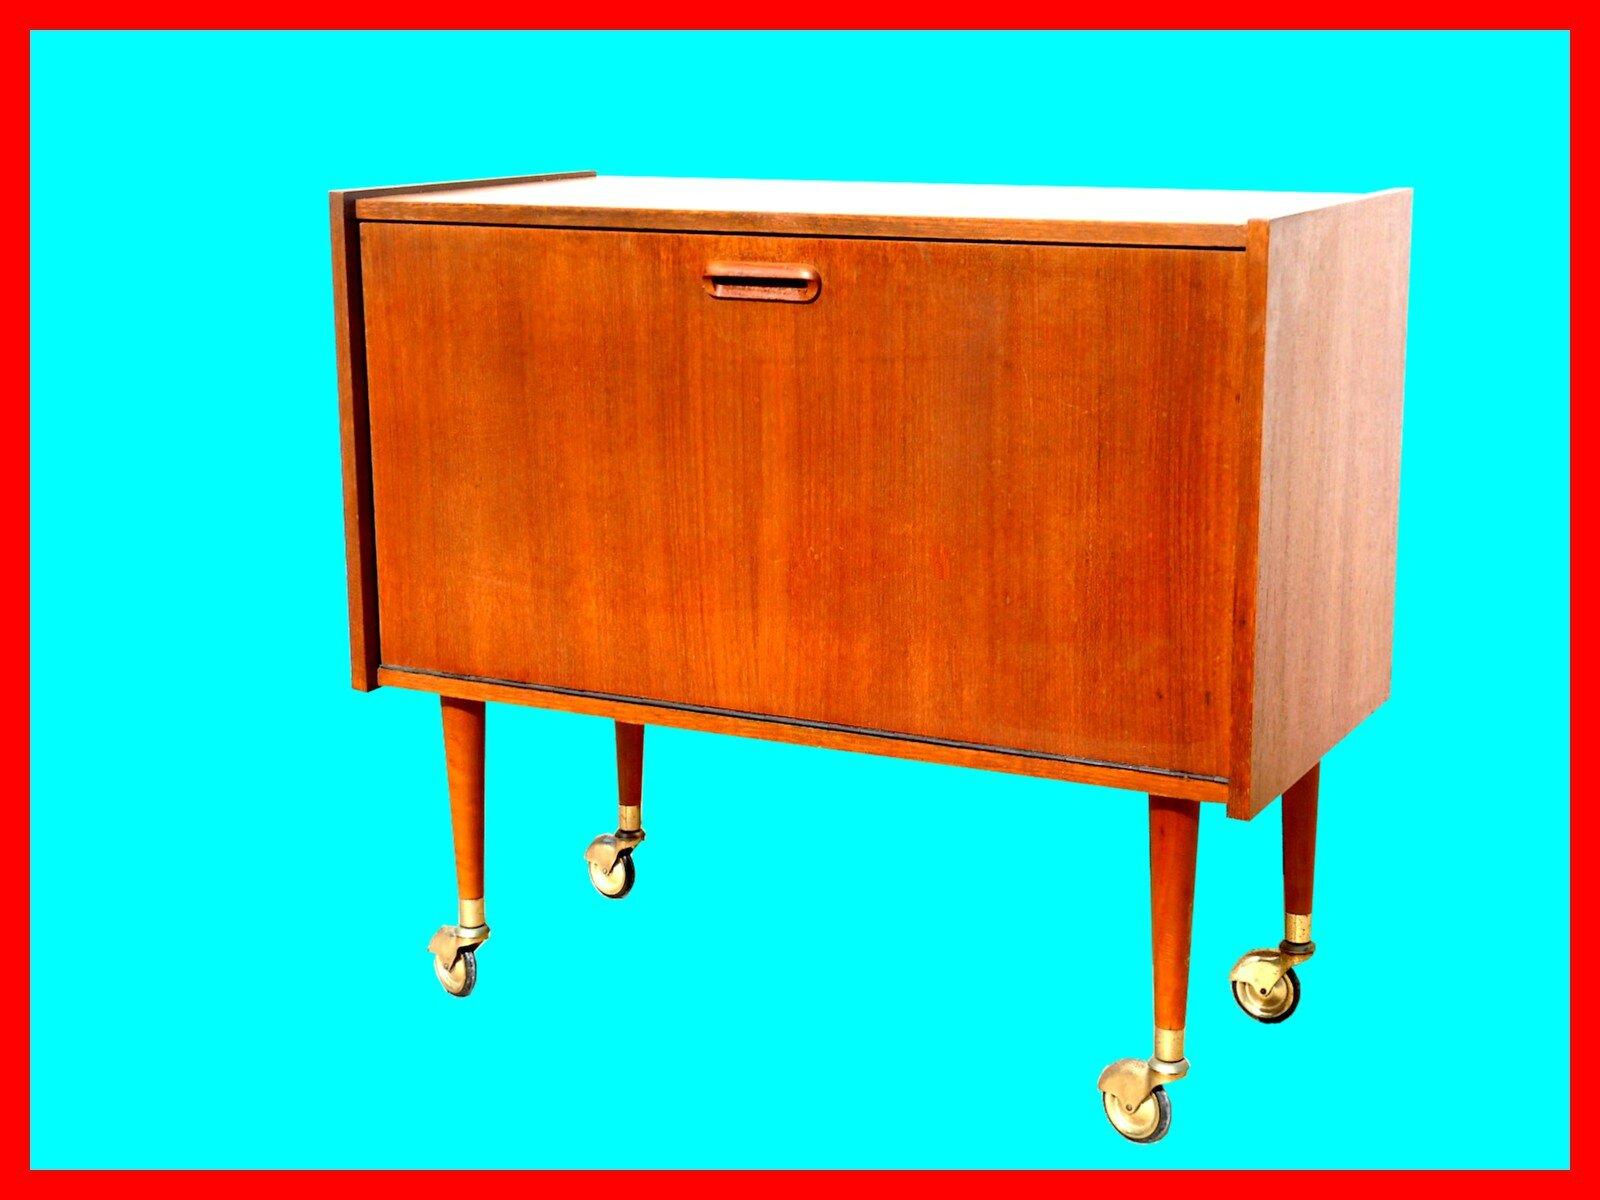 meuble tv année 60 | enfilade design pas cher maison design wiblia